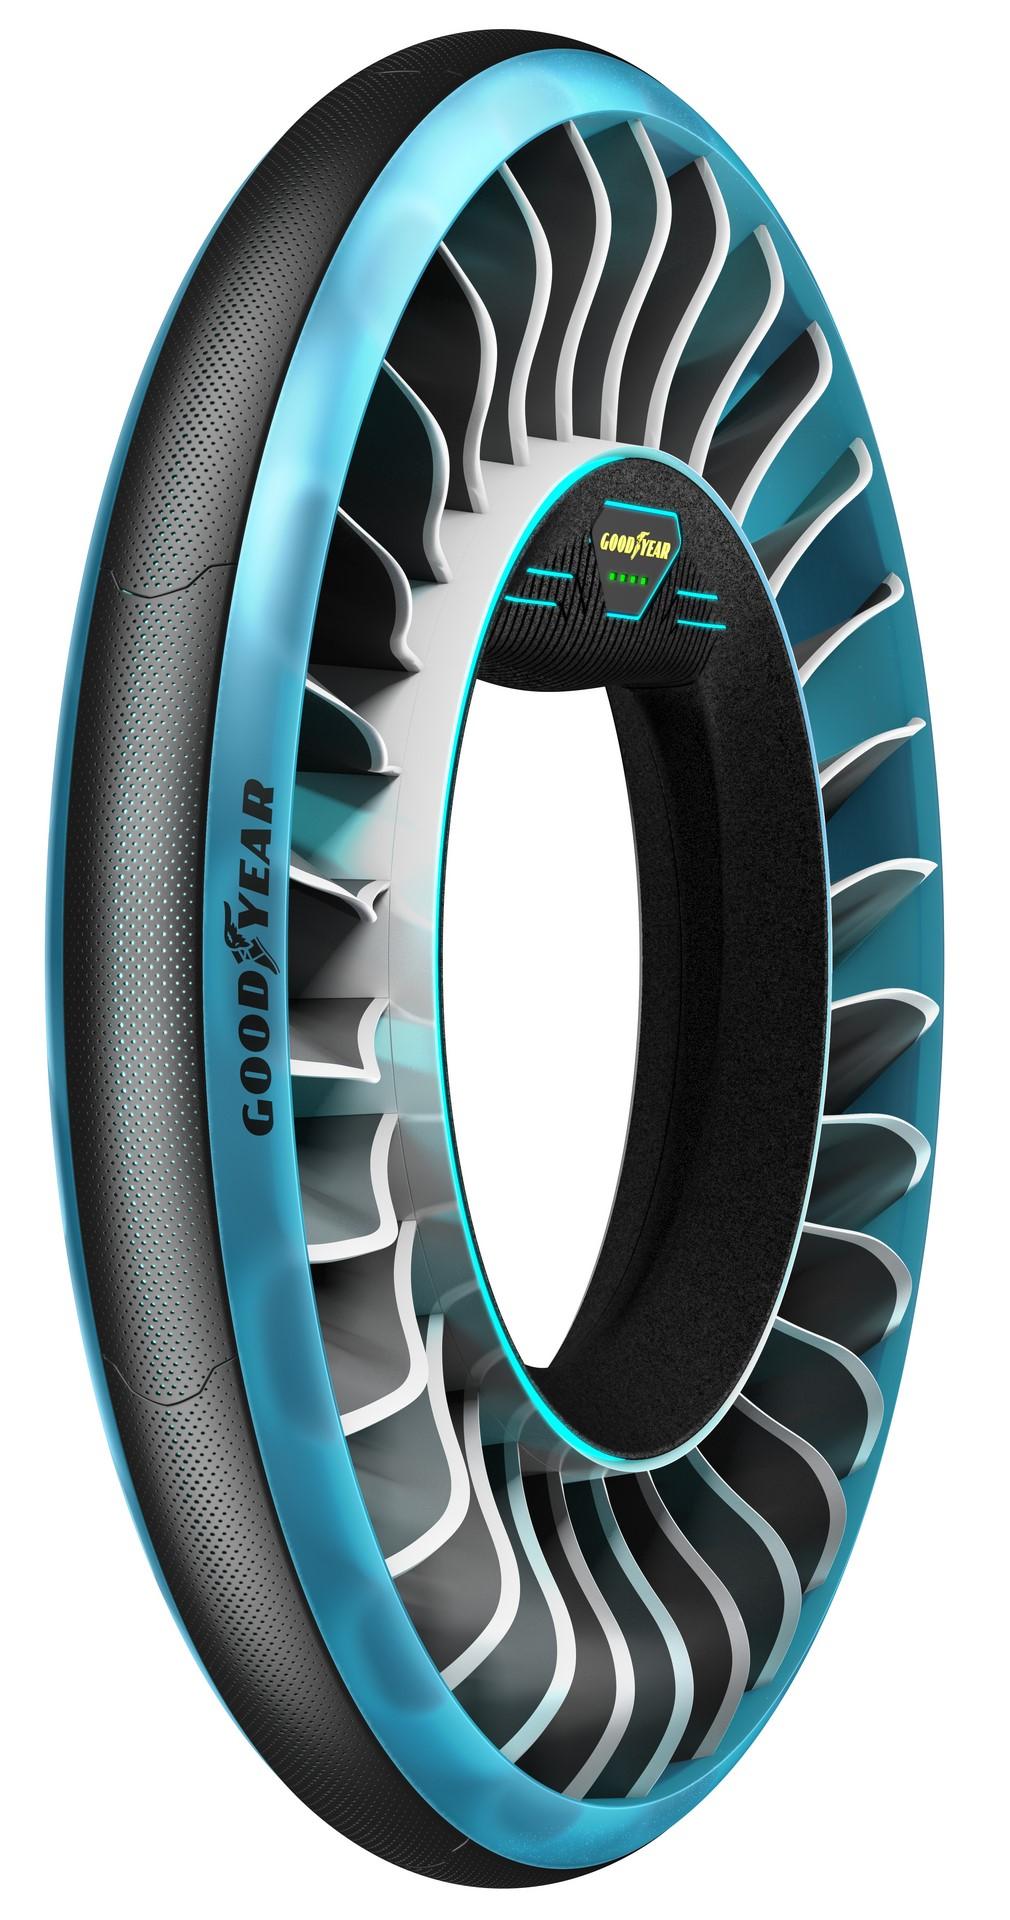 Goodyear Aero Tiltrotor Tire Concept (6)